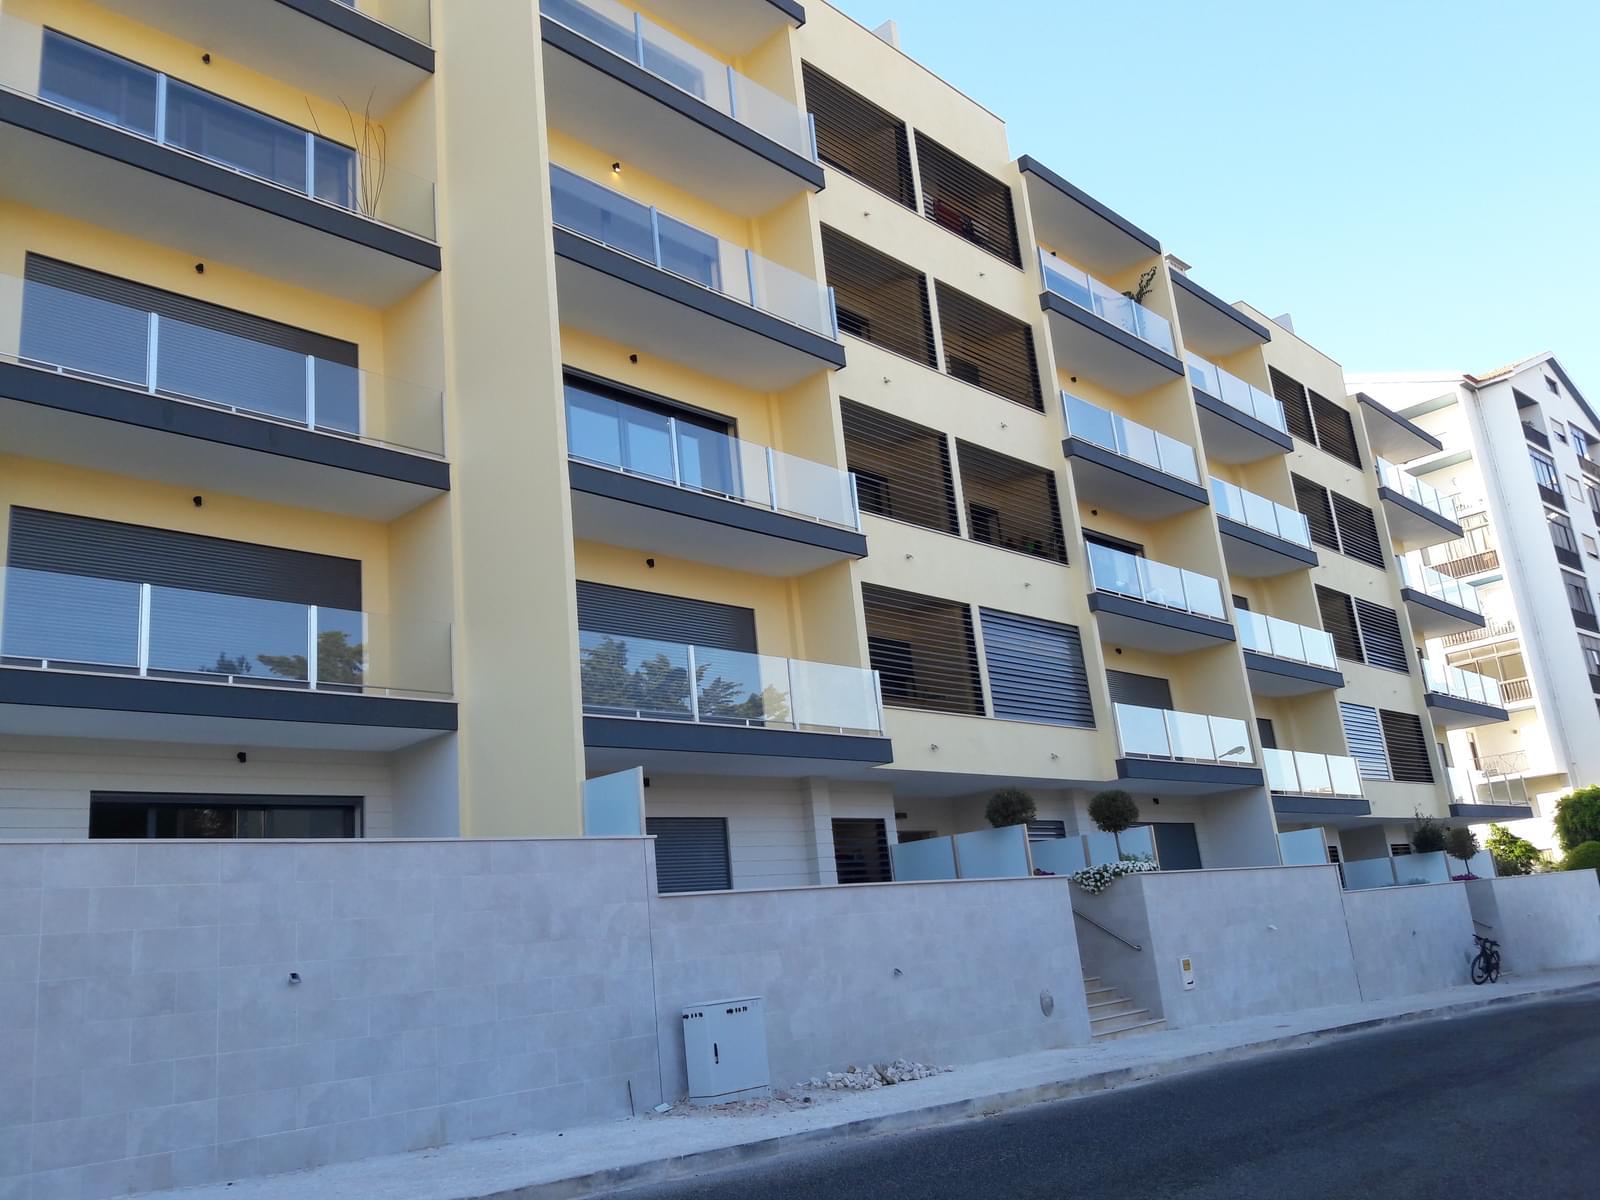 pf18284-apartamento-t2-cascais-09b3abe2-09bc-4aff-8317-a0bf9ff84c55